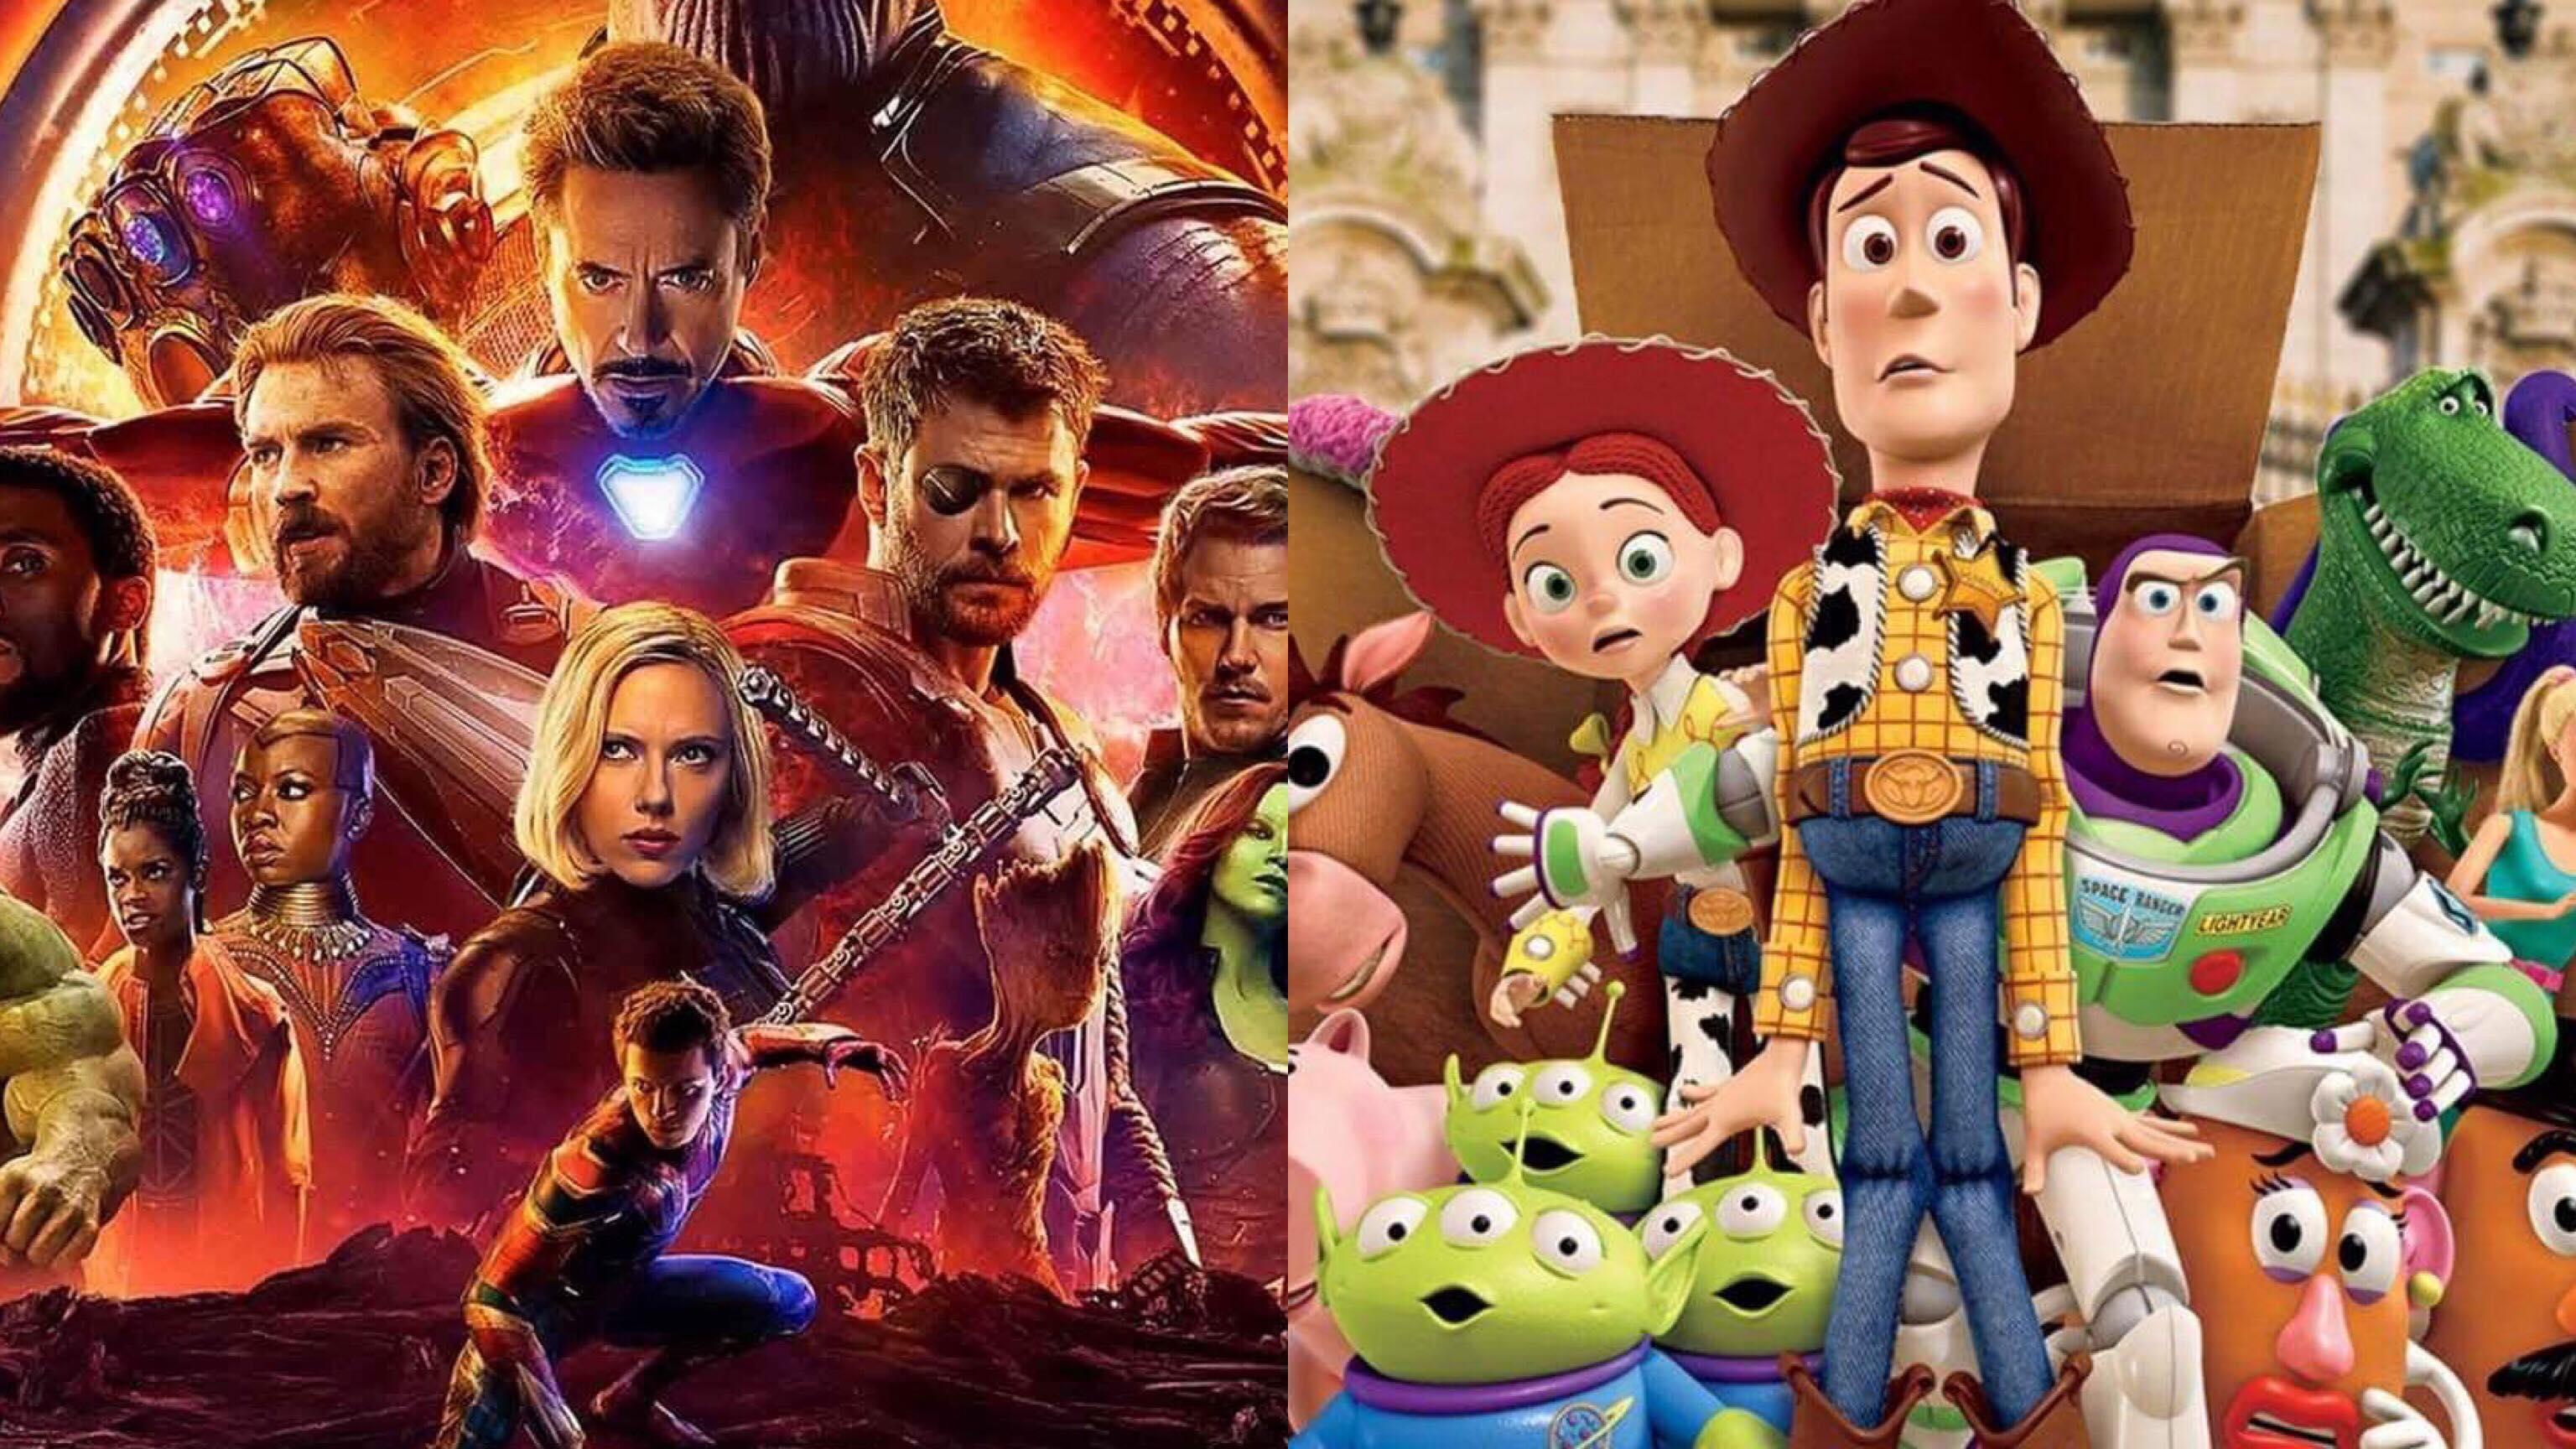 2019 年全球最賣座 的電影冠軍不一定是《復仇者聯盟4》,外媒預測還有 4個競爭者! – 我們用電影寫日記